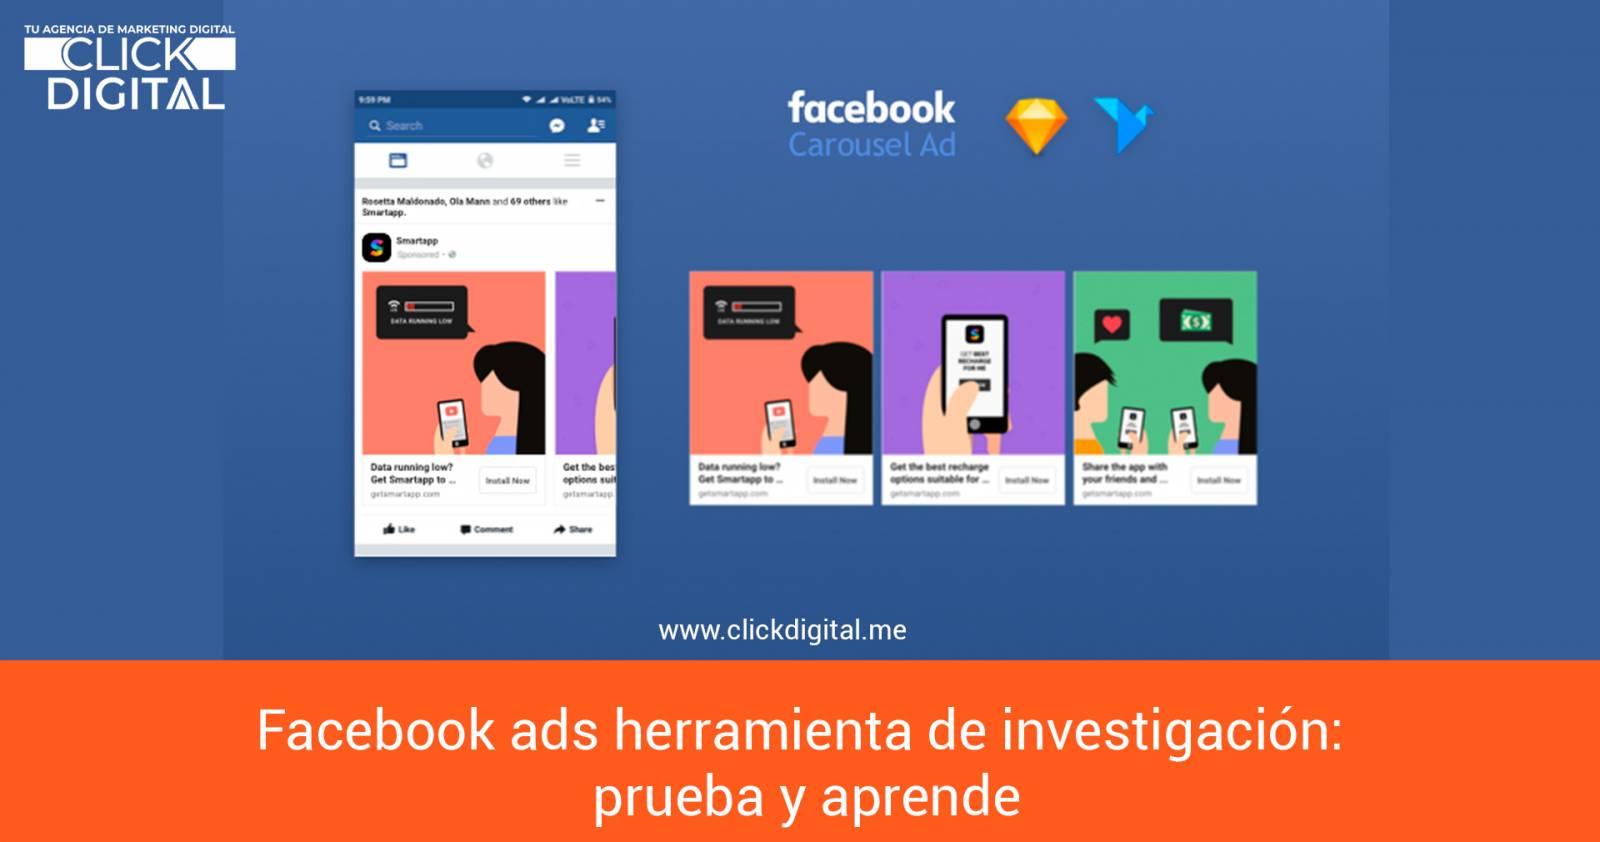 Facebook-ads-herramienta-de-investigación-prueba-y-aprende